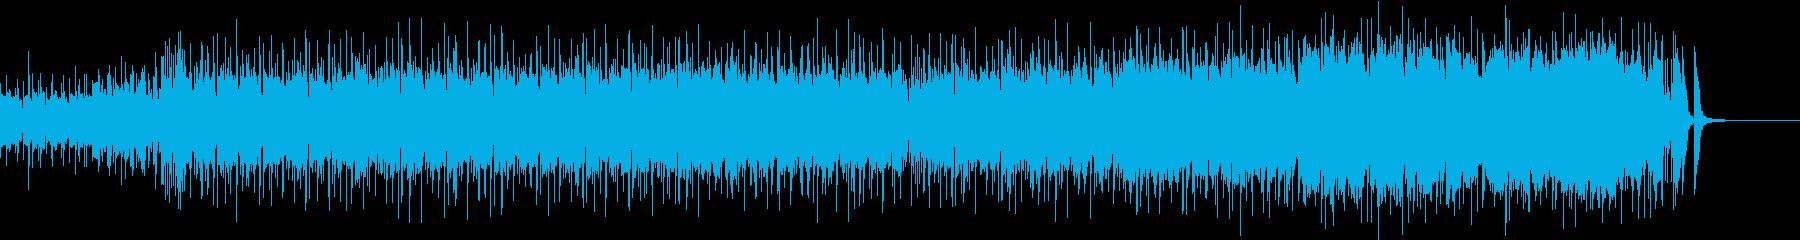 口笛とピアノのポップなロックの再生済みの波形